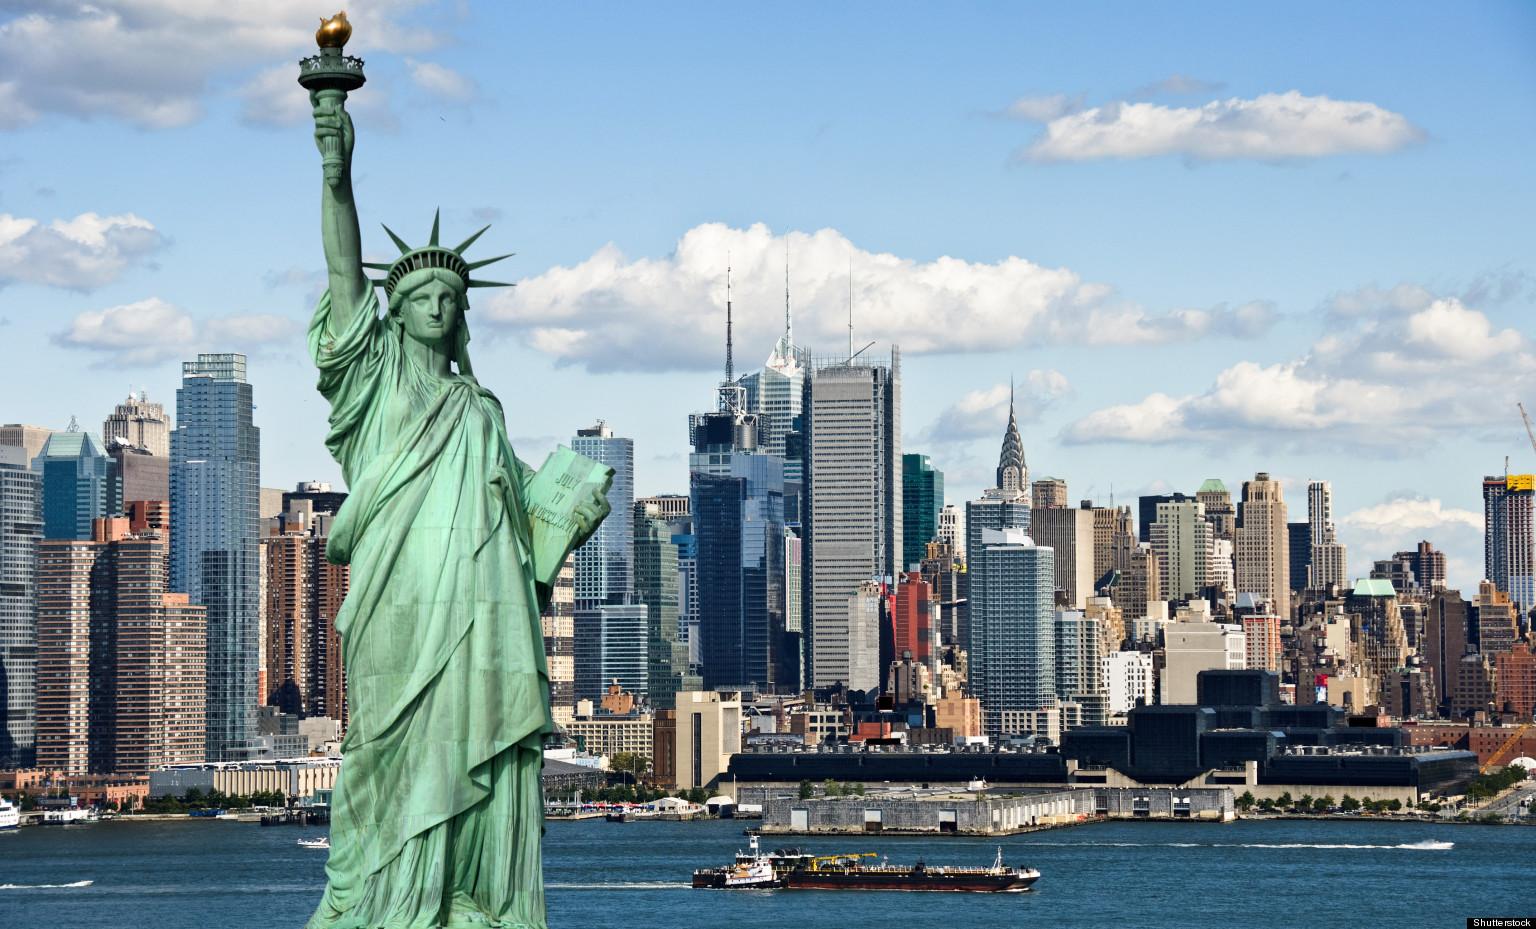 أغلى 5 مدن في سياحة المؤتمرات لعام 2019